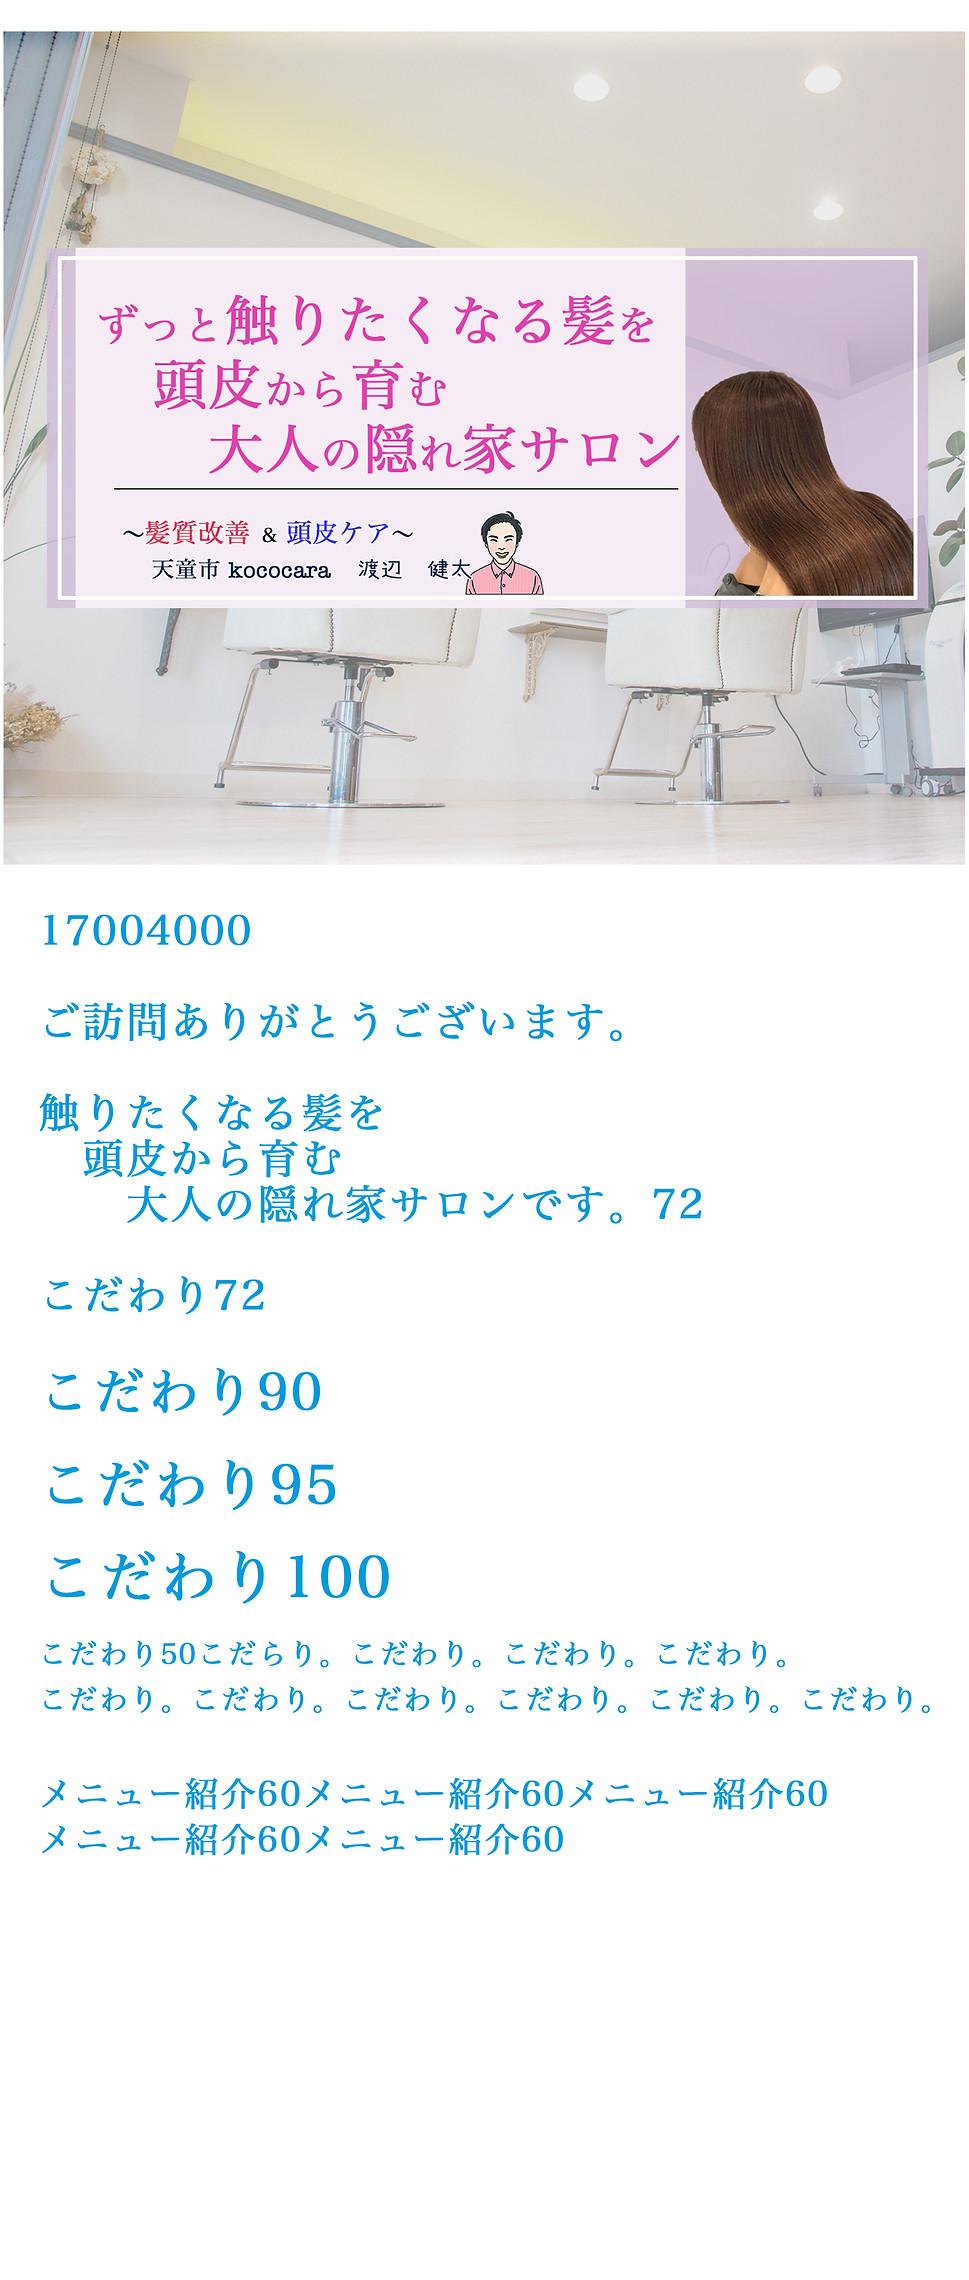 17004000テスト.jpg